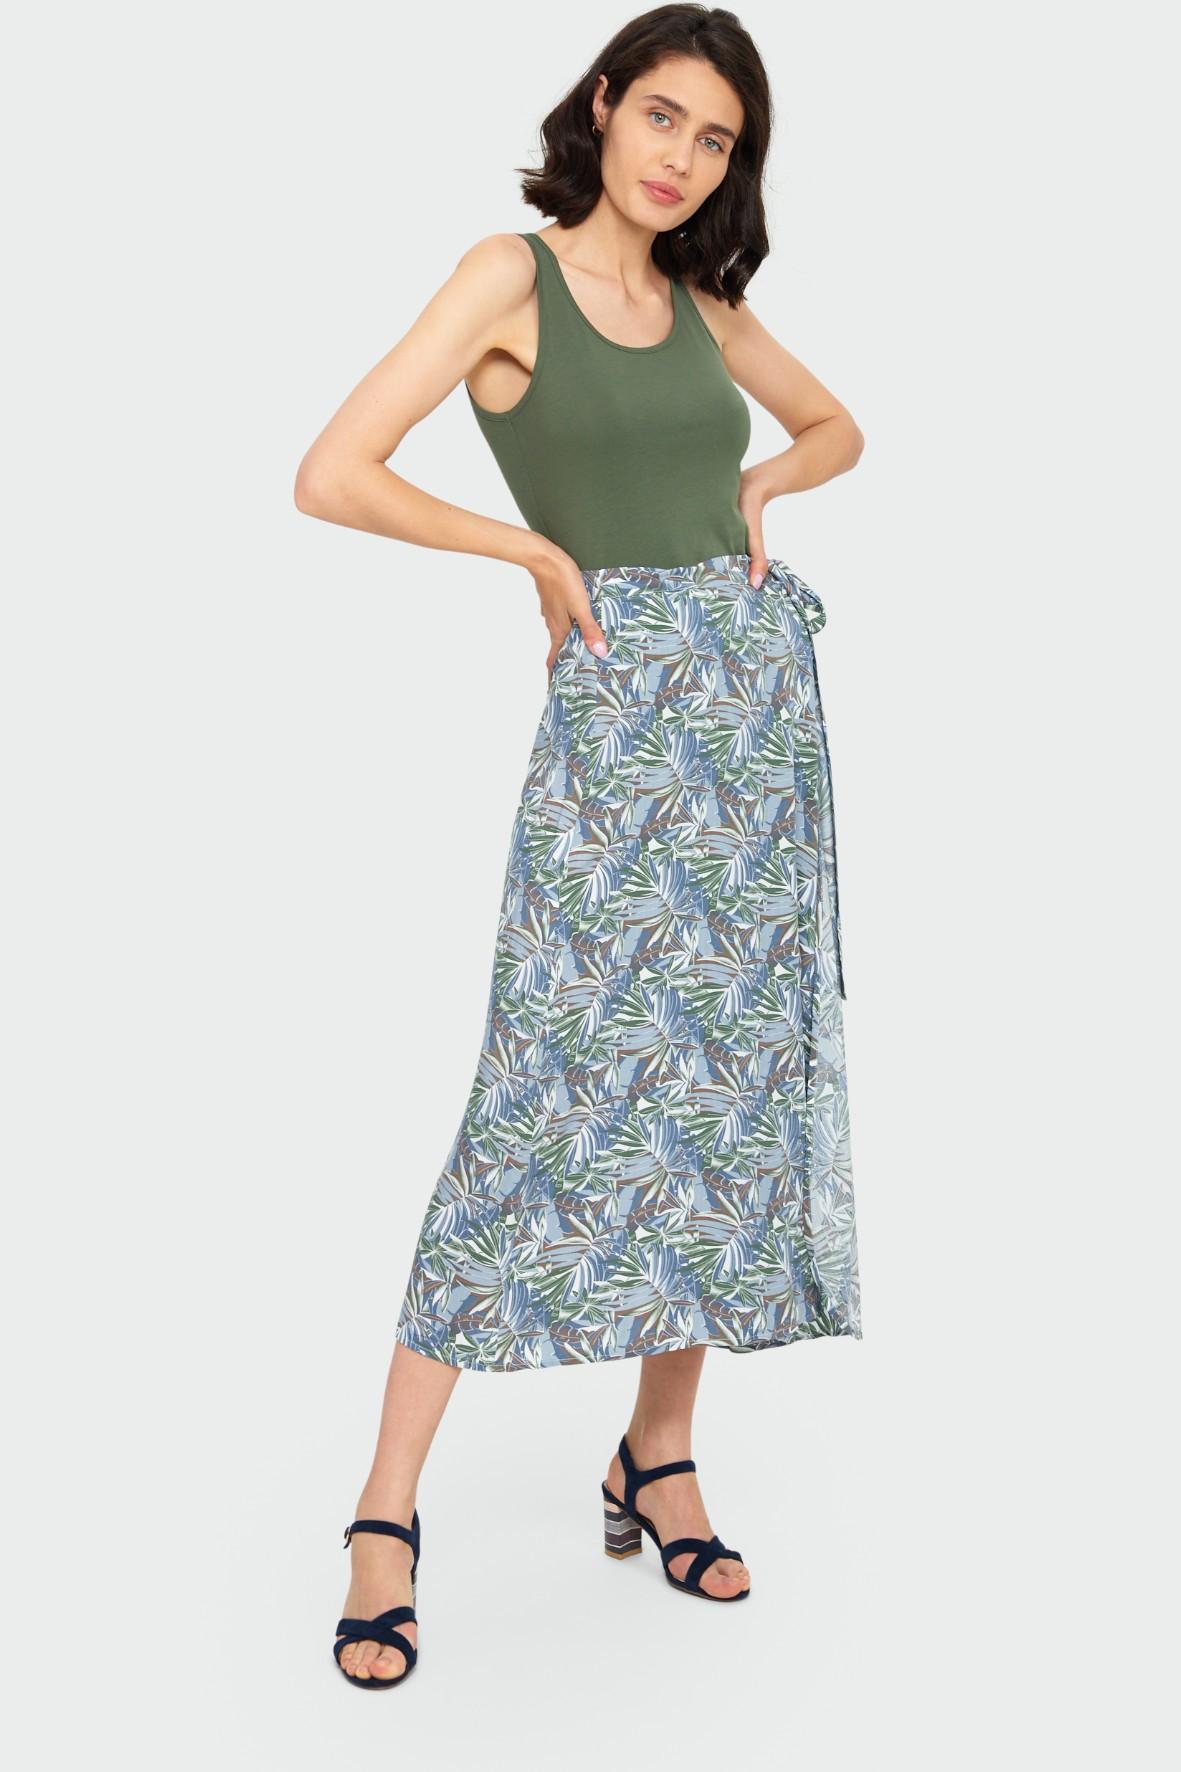 Bawełniany zielony top na ramiączkach - ubrania dla kobiet